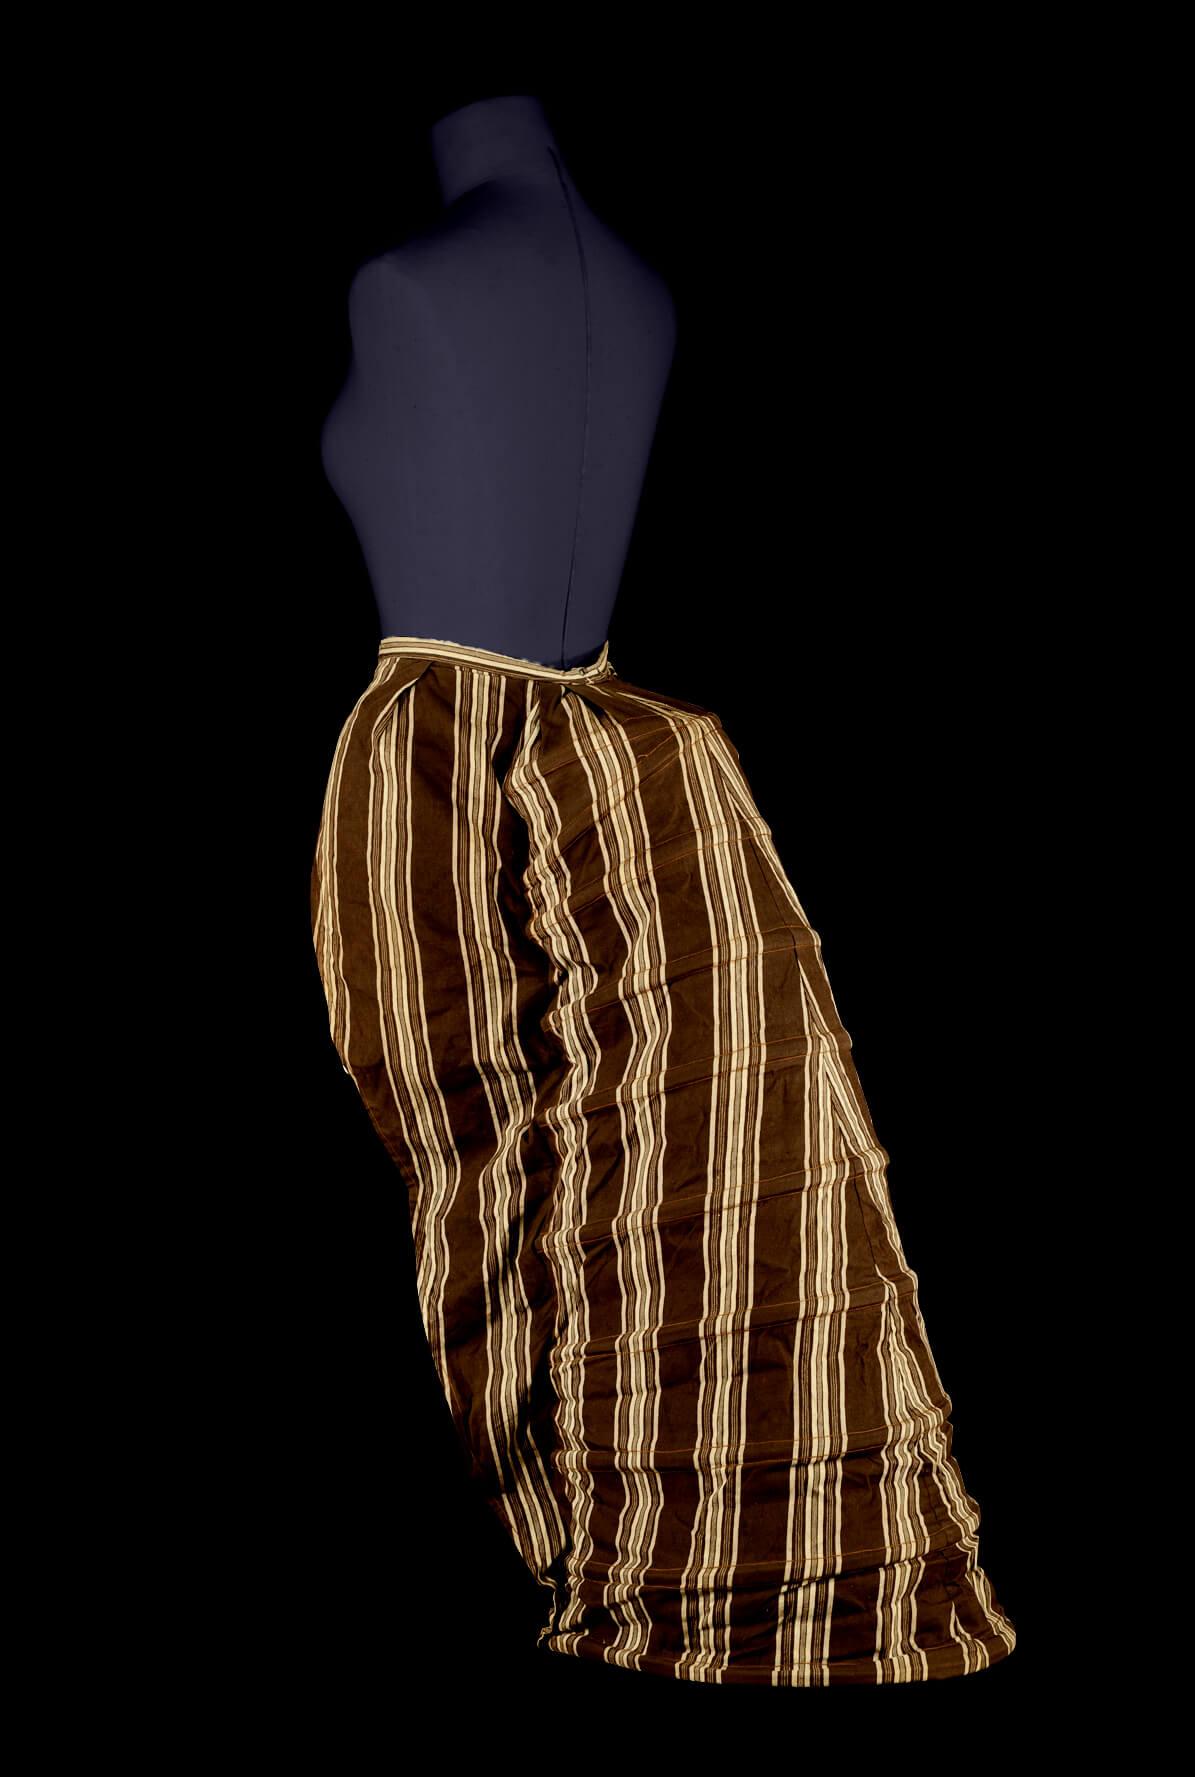 バスル 1883-85年頃 イギリス / 神戸ファッション美術館蔵